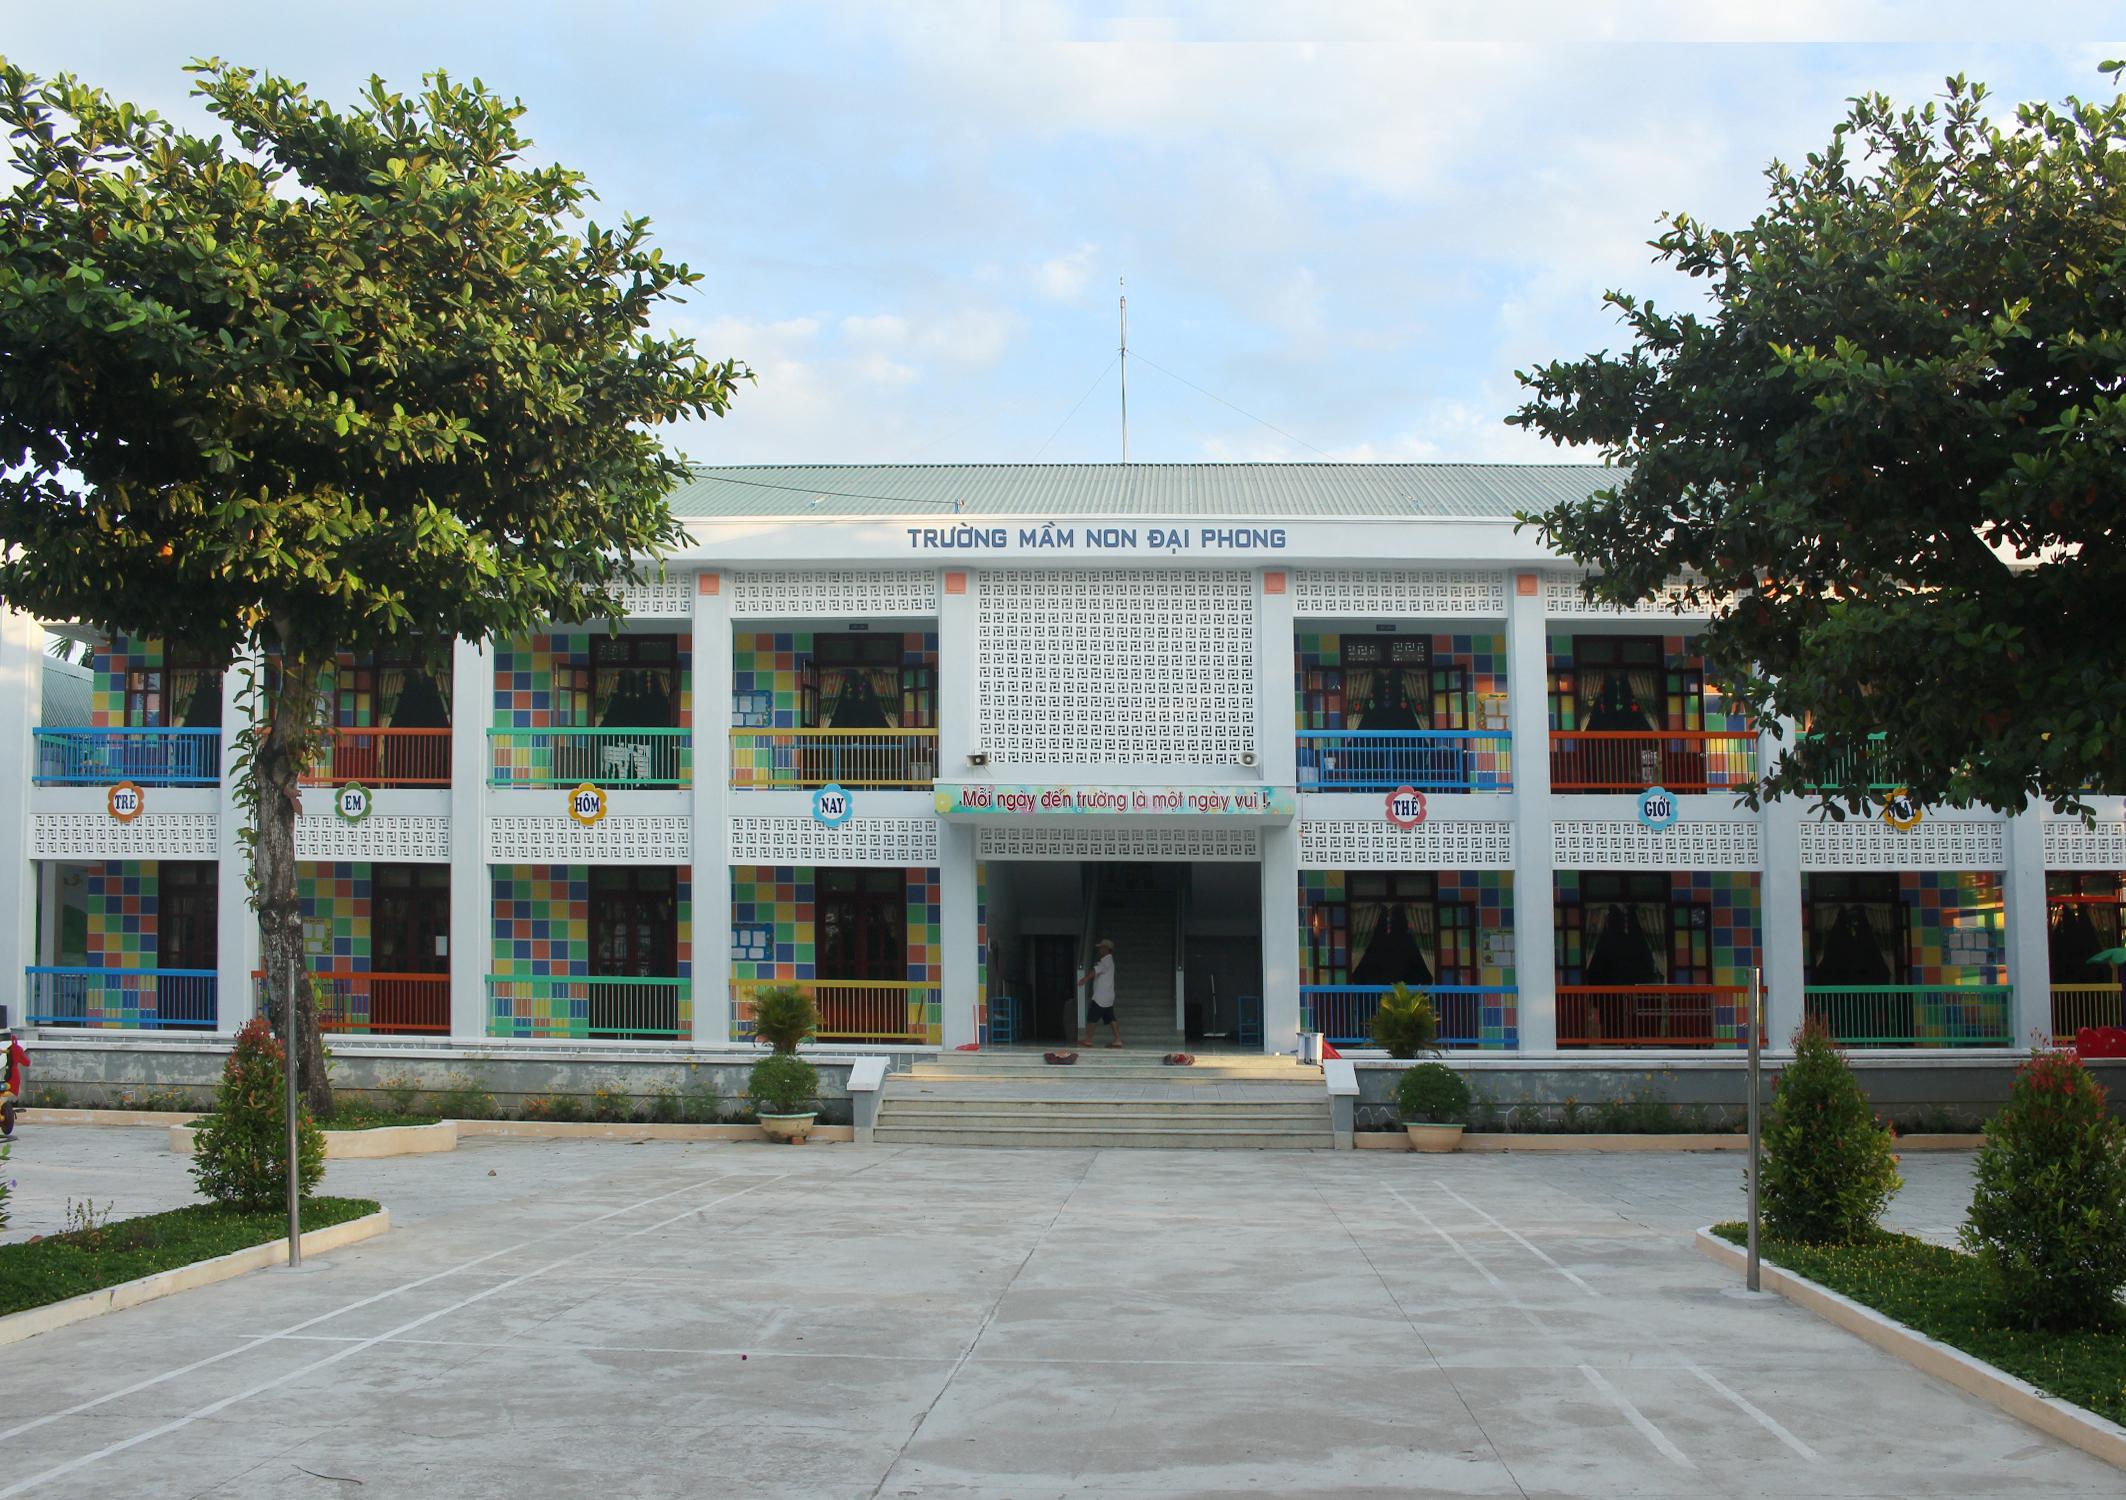 Cảnh quang Trường Mầm non Đại Phong